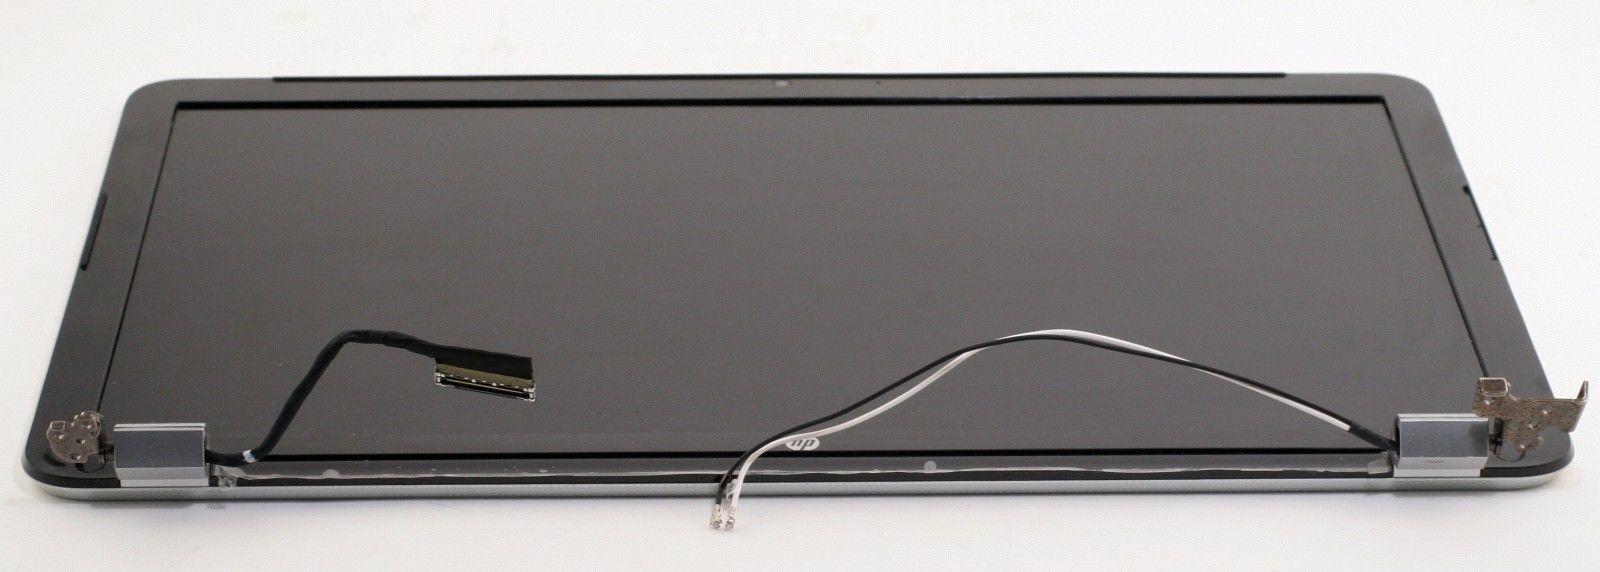 HP Pavilion 17e Laptop 17.3